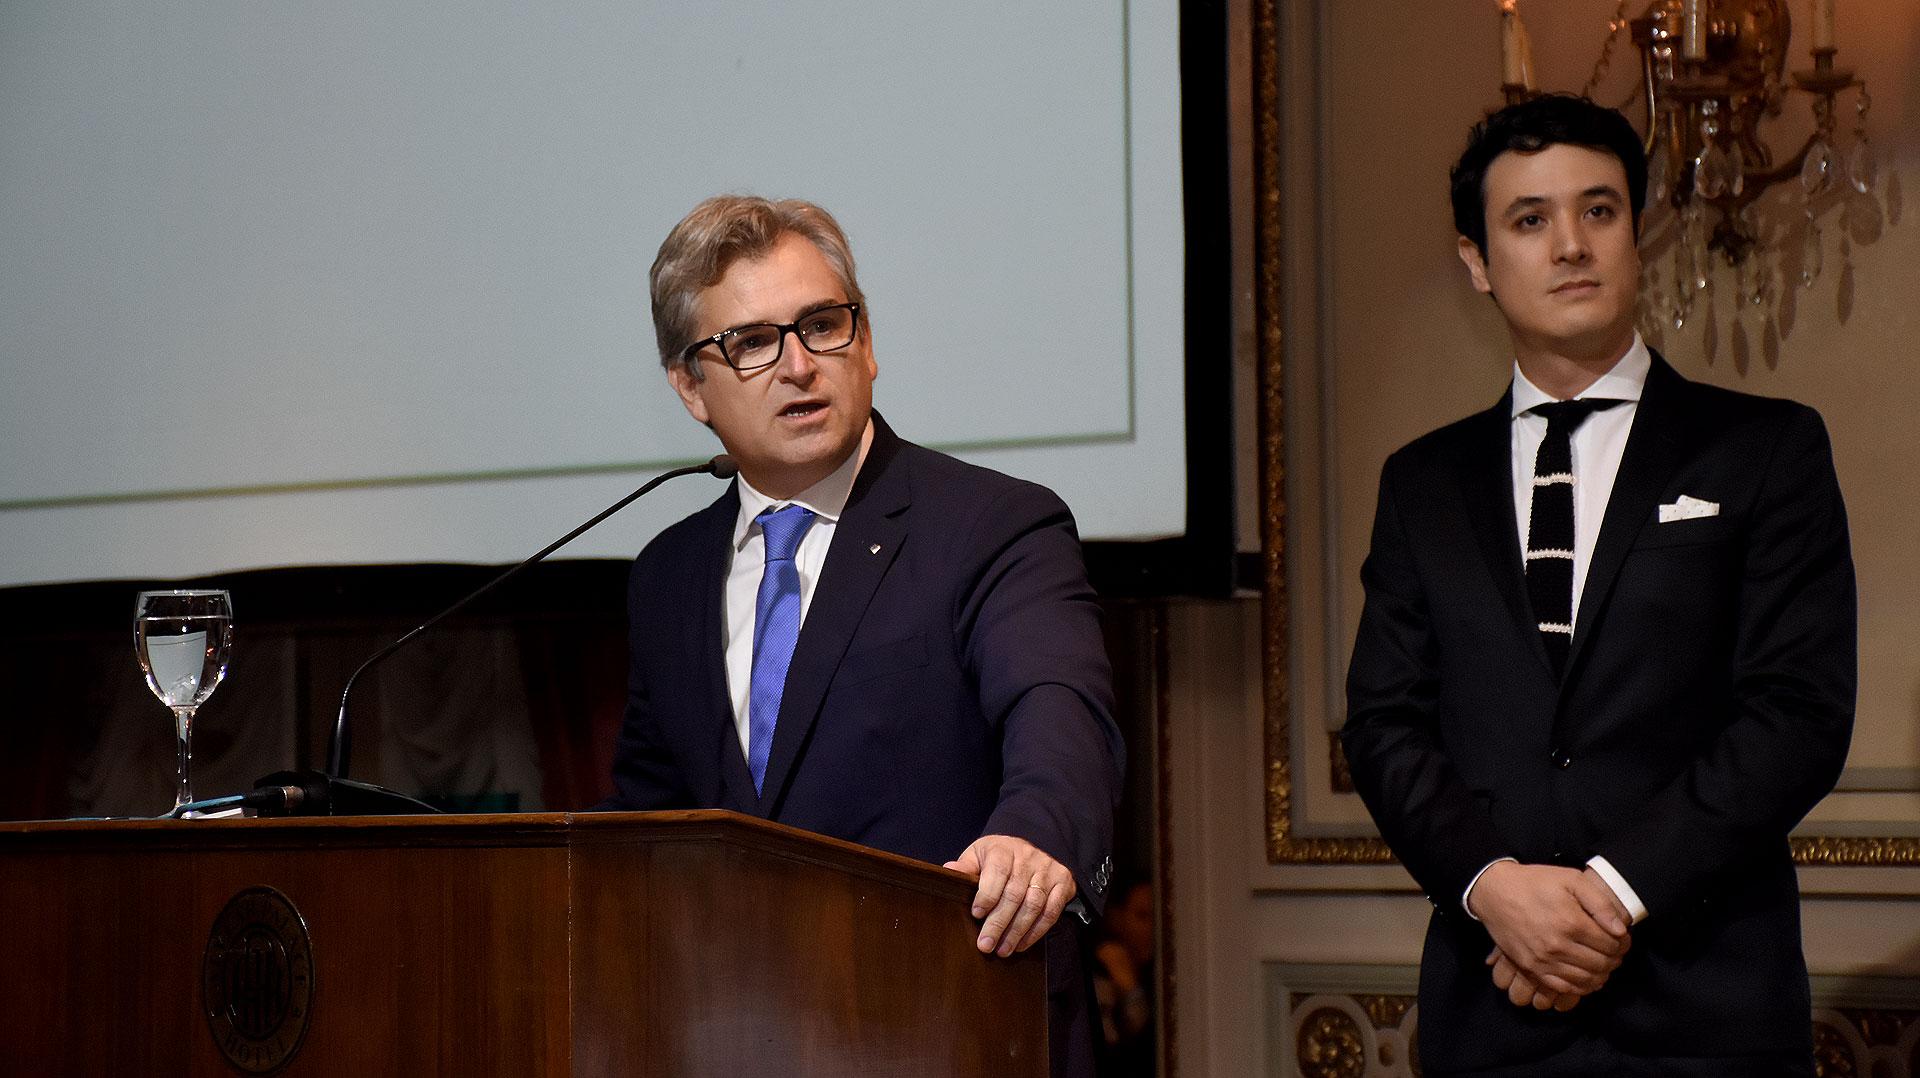 Eric Castanier, presidente de Cascos Verdes, durante su discurso. A su lado, Gonzalo Bazgan, director ejecutivo de Cascos Verdes